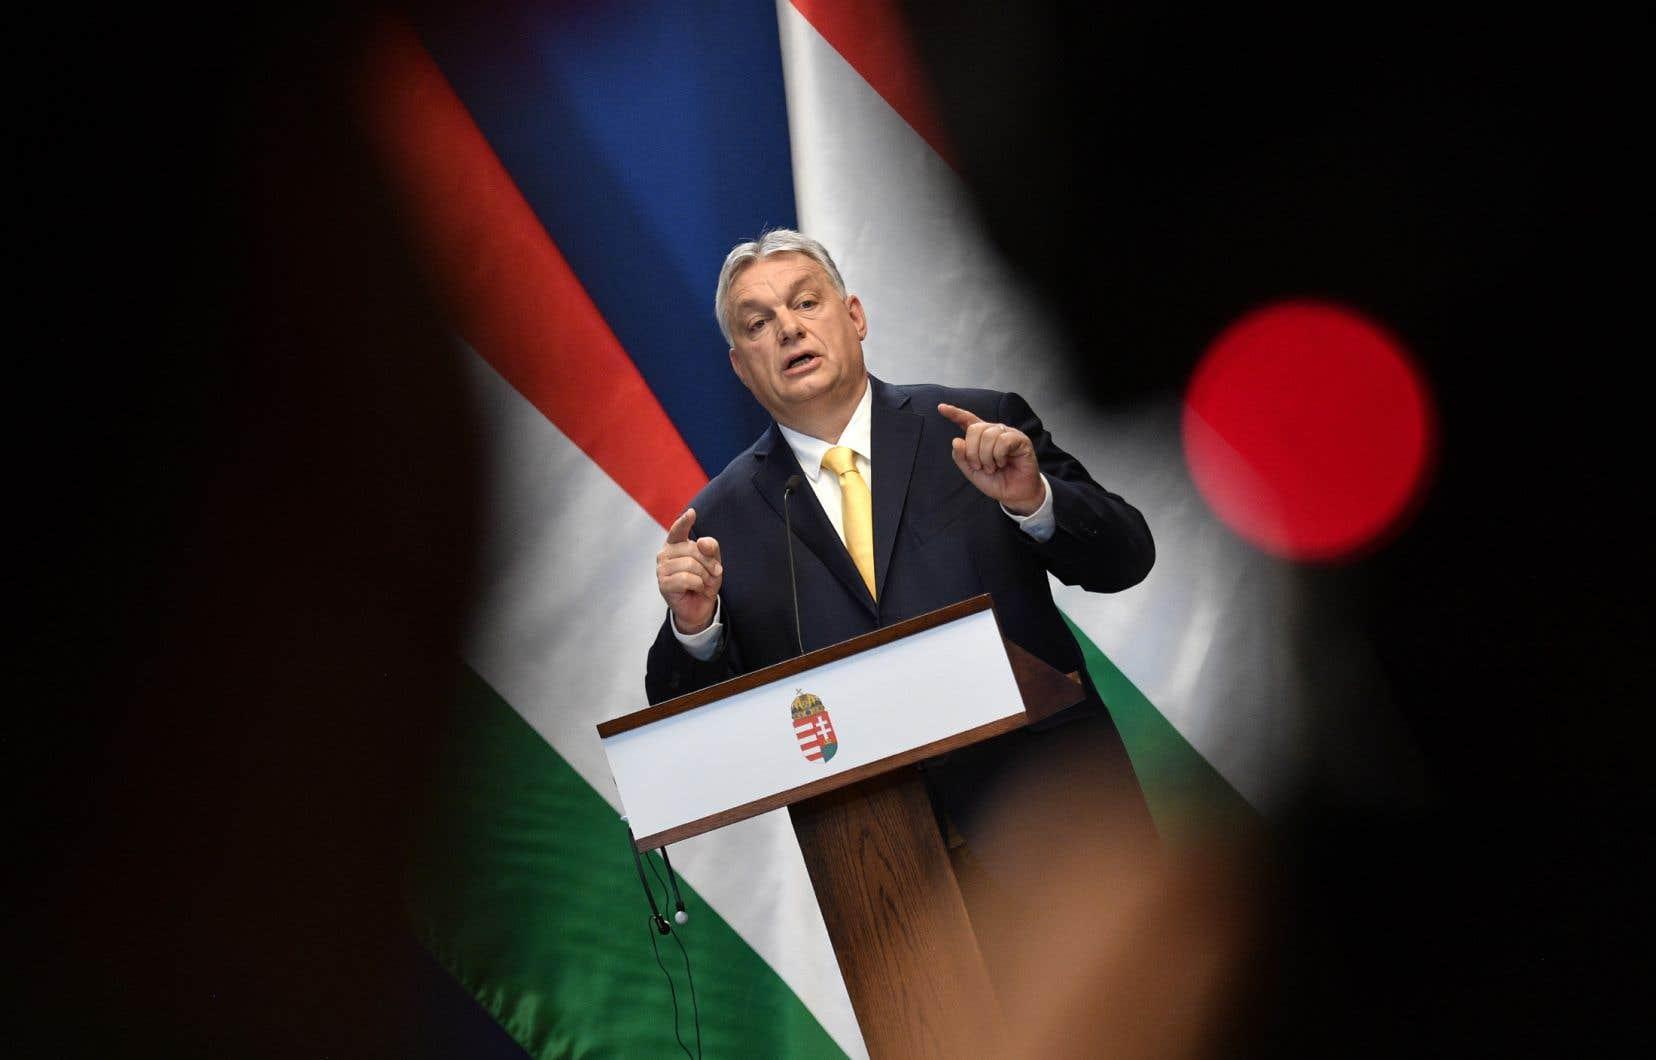 Le premier ministre hongrois, Viktor Orbán, s'était opposé au paiement d'indemnités aux familles roms victimes de ségrégation scolaire.